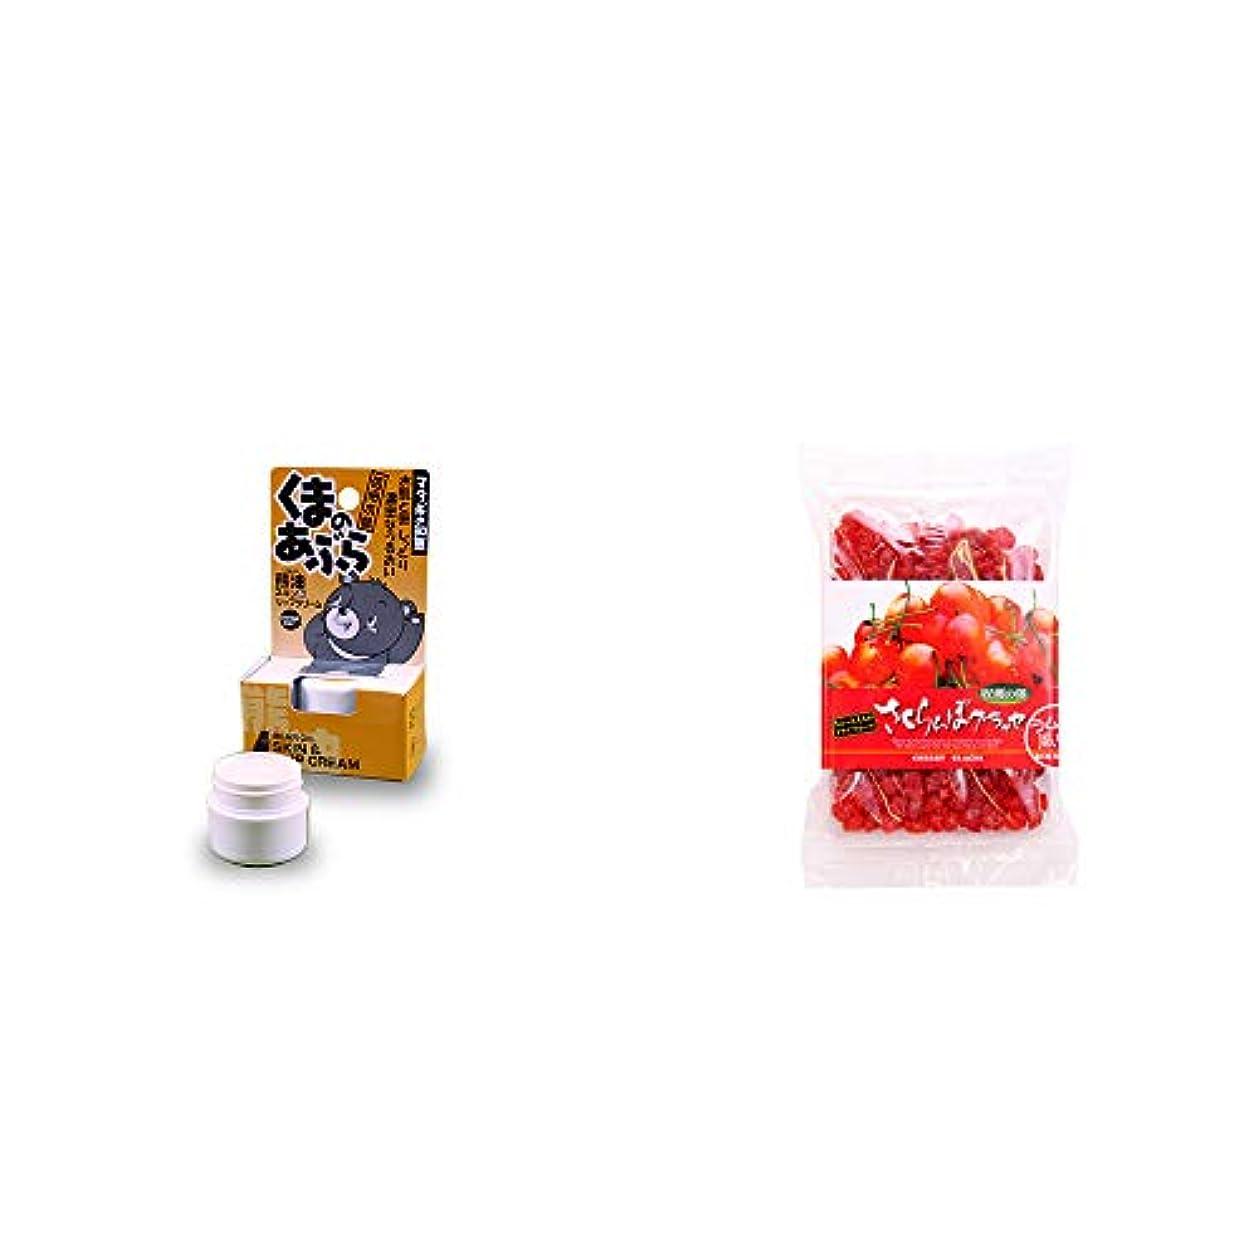 弱い式メジャー[2点セット] 信州木曽 くまのあぶら 熊油スキン&リップクリーム(9g)?収穫の朝 さくらんぼグラッセ ラム酒風味(180g)